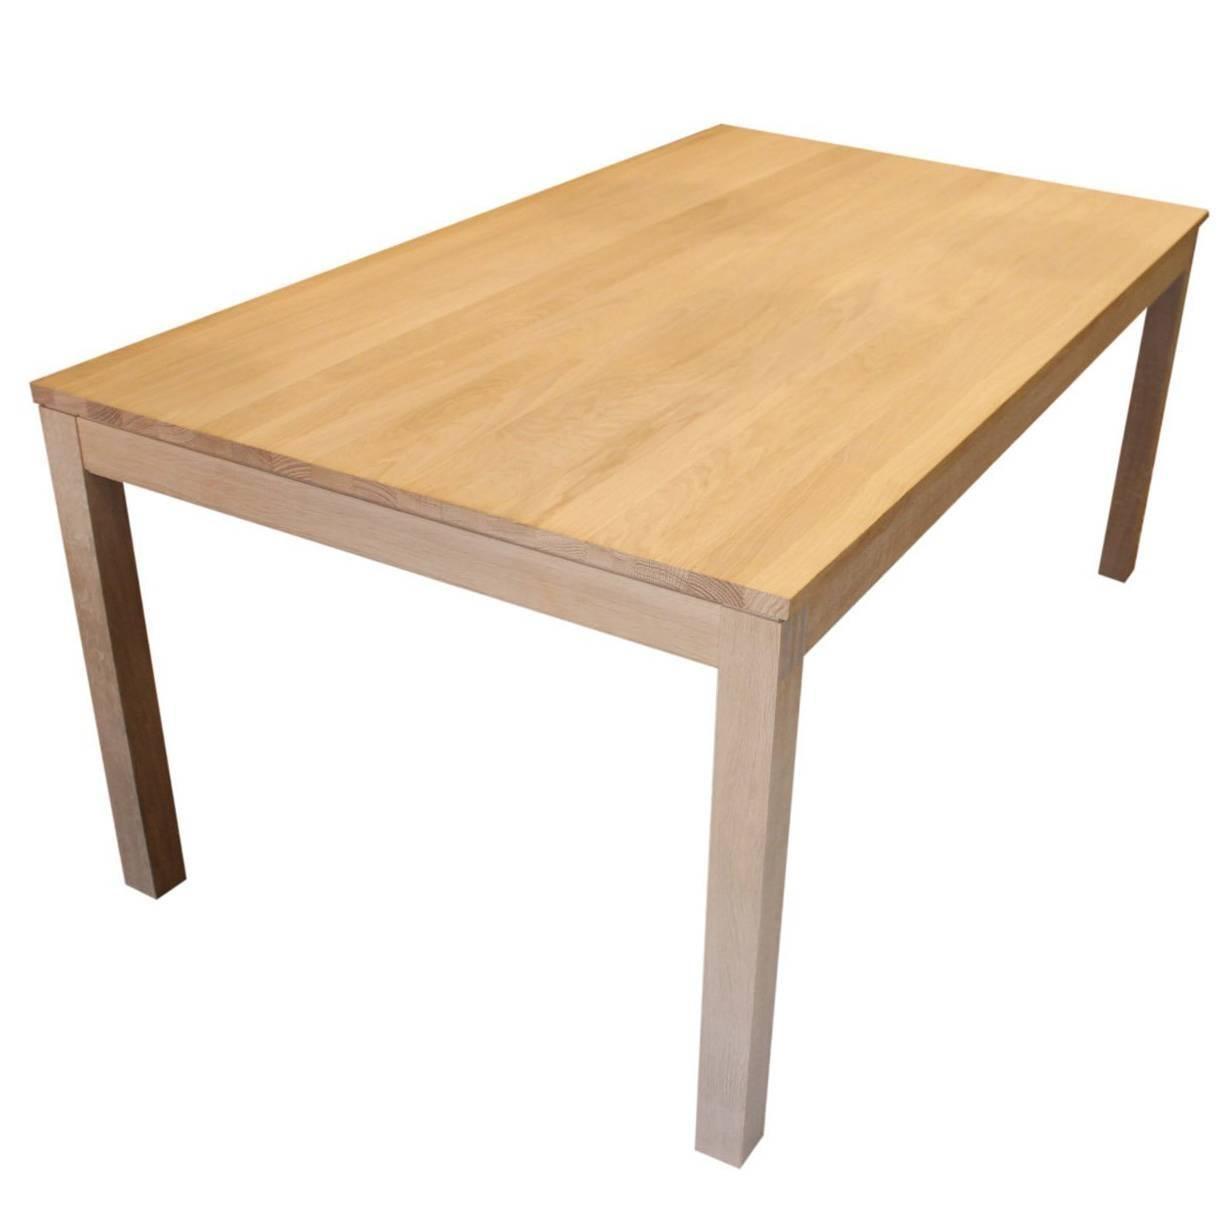 Massive Oak Dining Table by Trekanten Hestbk Danish Design For